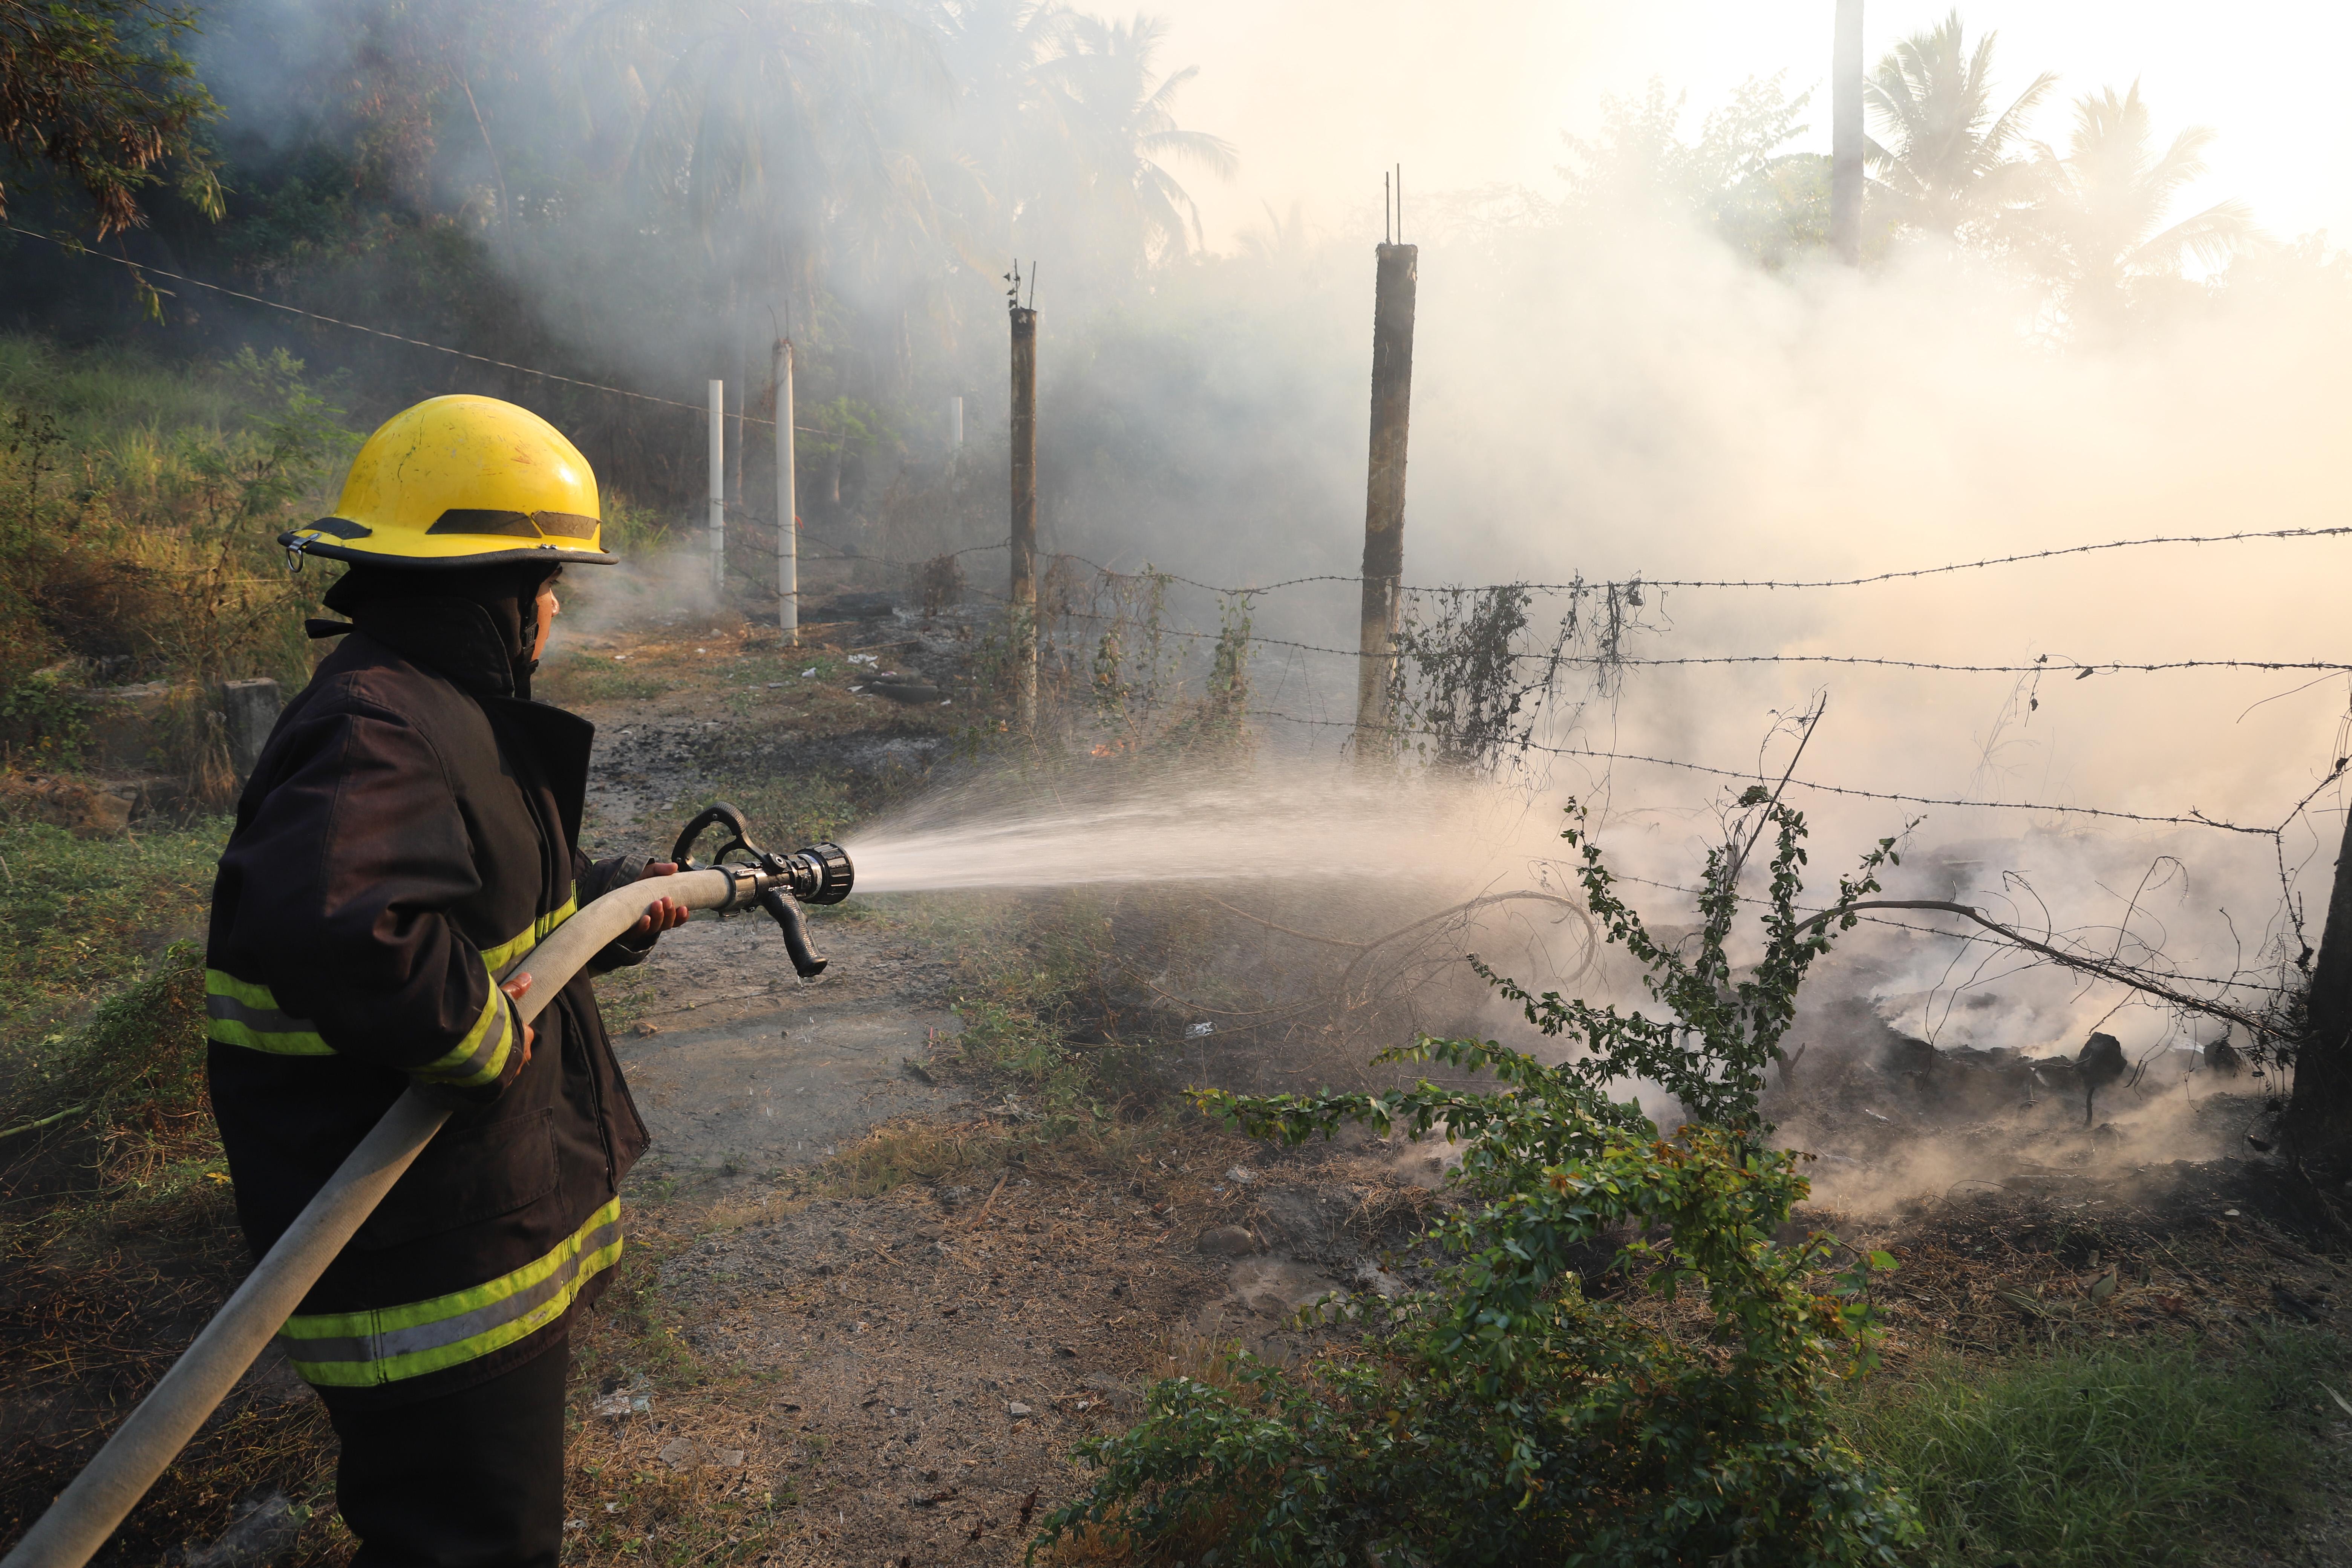 Un bombero intenta contener un incendio en Acapulco (Foto: Bernandino Hernández/ Cuartoscuro)